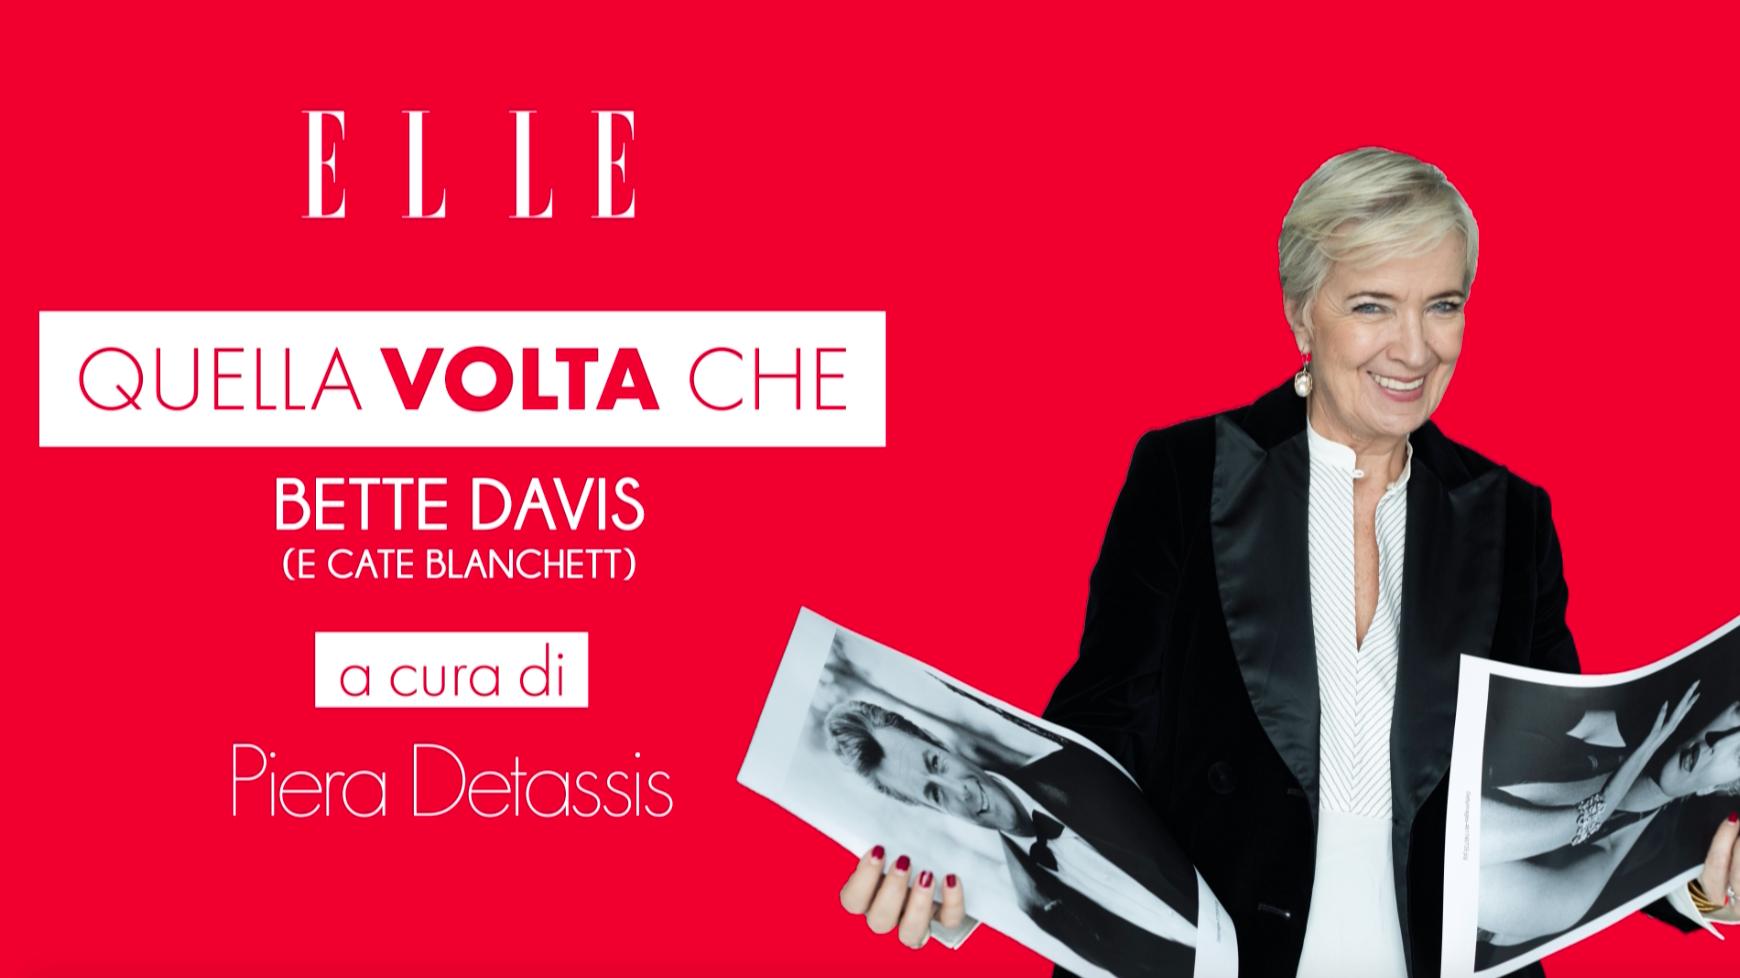 Quella volta che..., il podcast di Piera Detassis #7 La protagonista? Bette Davis (e Cate Blanchett)